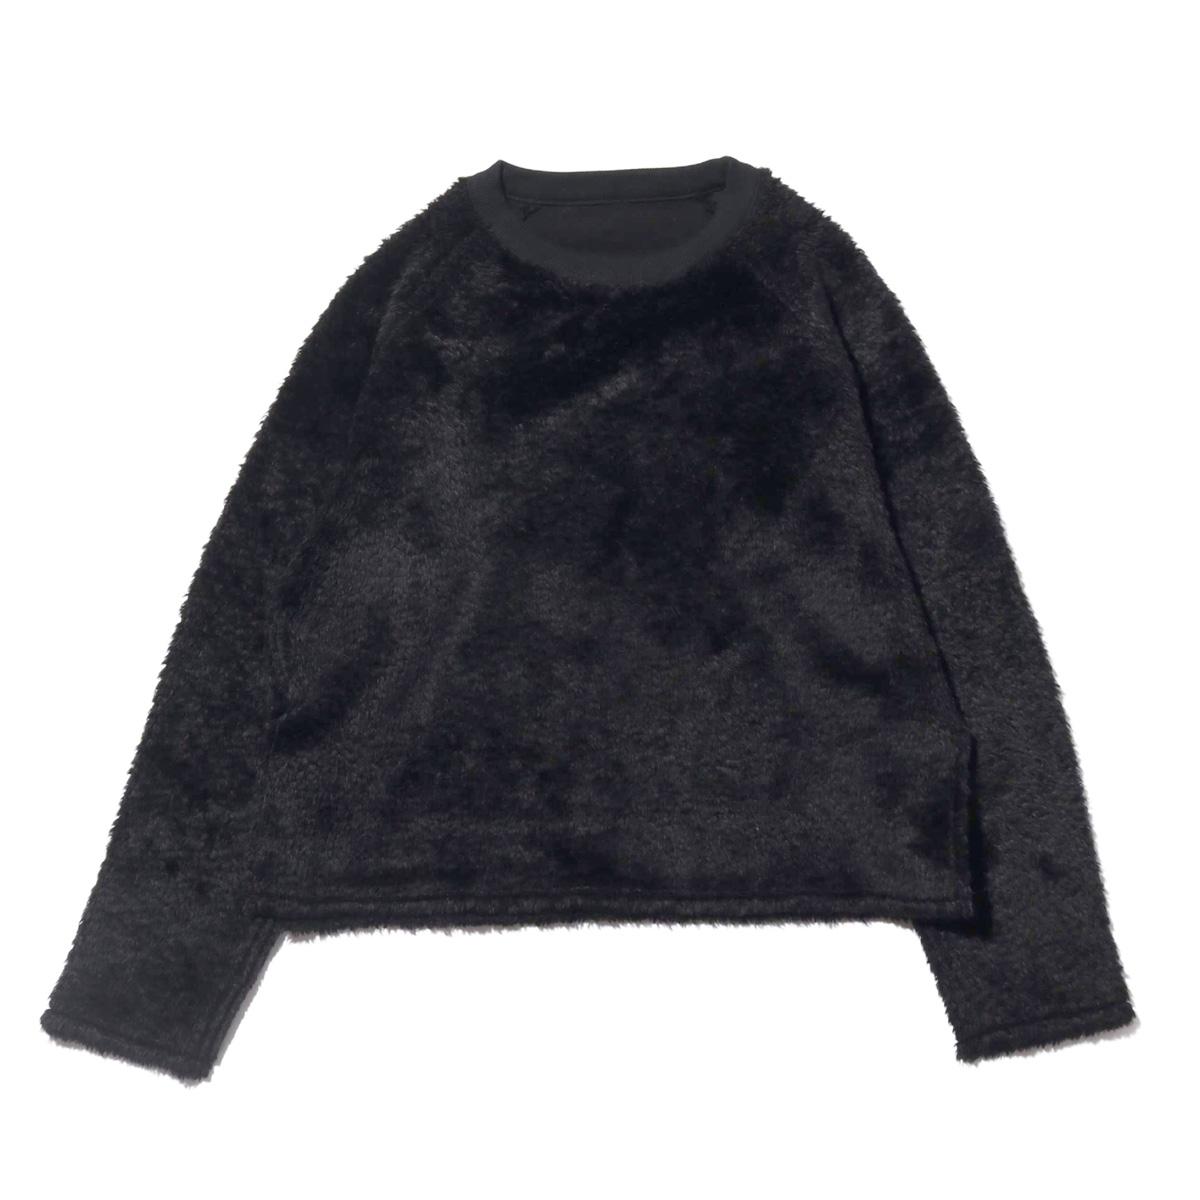 atmos pink リバーシブル トップス (アトモスピンク リバーシブル トップス)BLACK【レディース 長袖Tシャツ】18FA-I